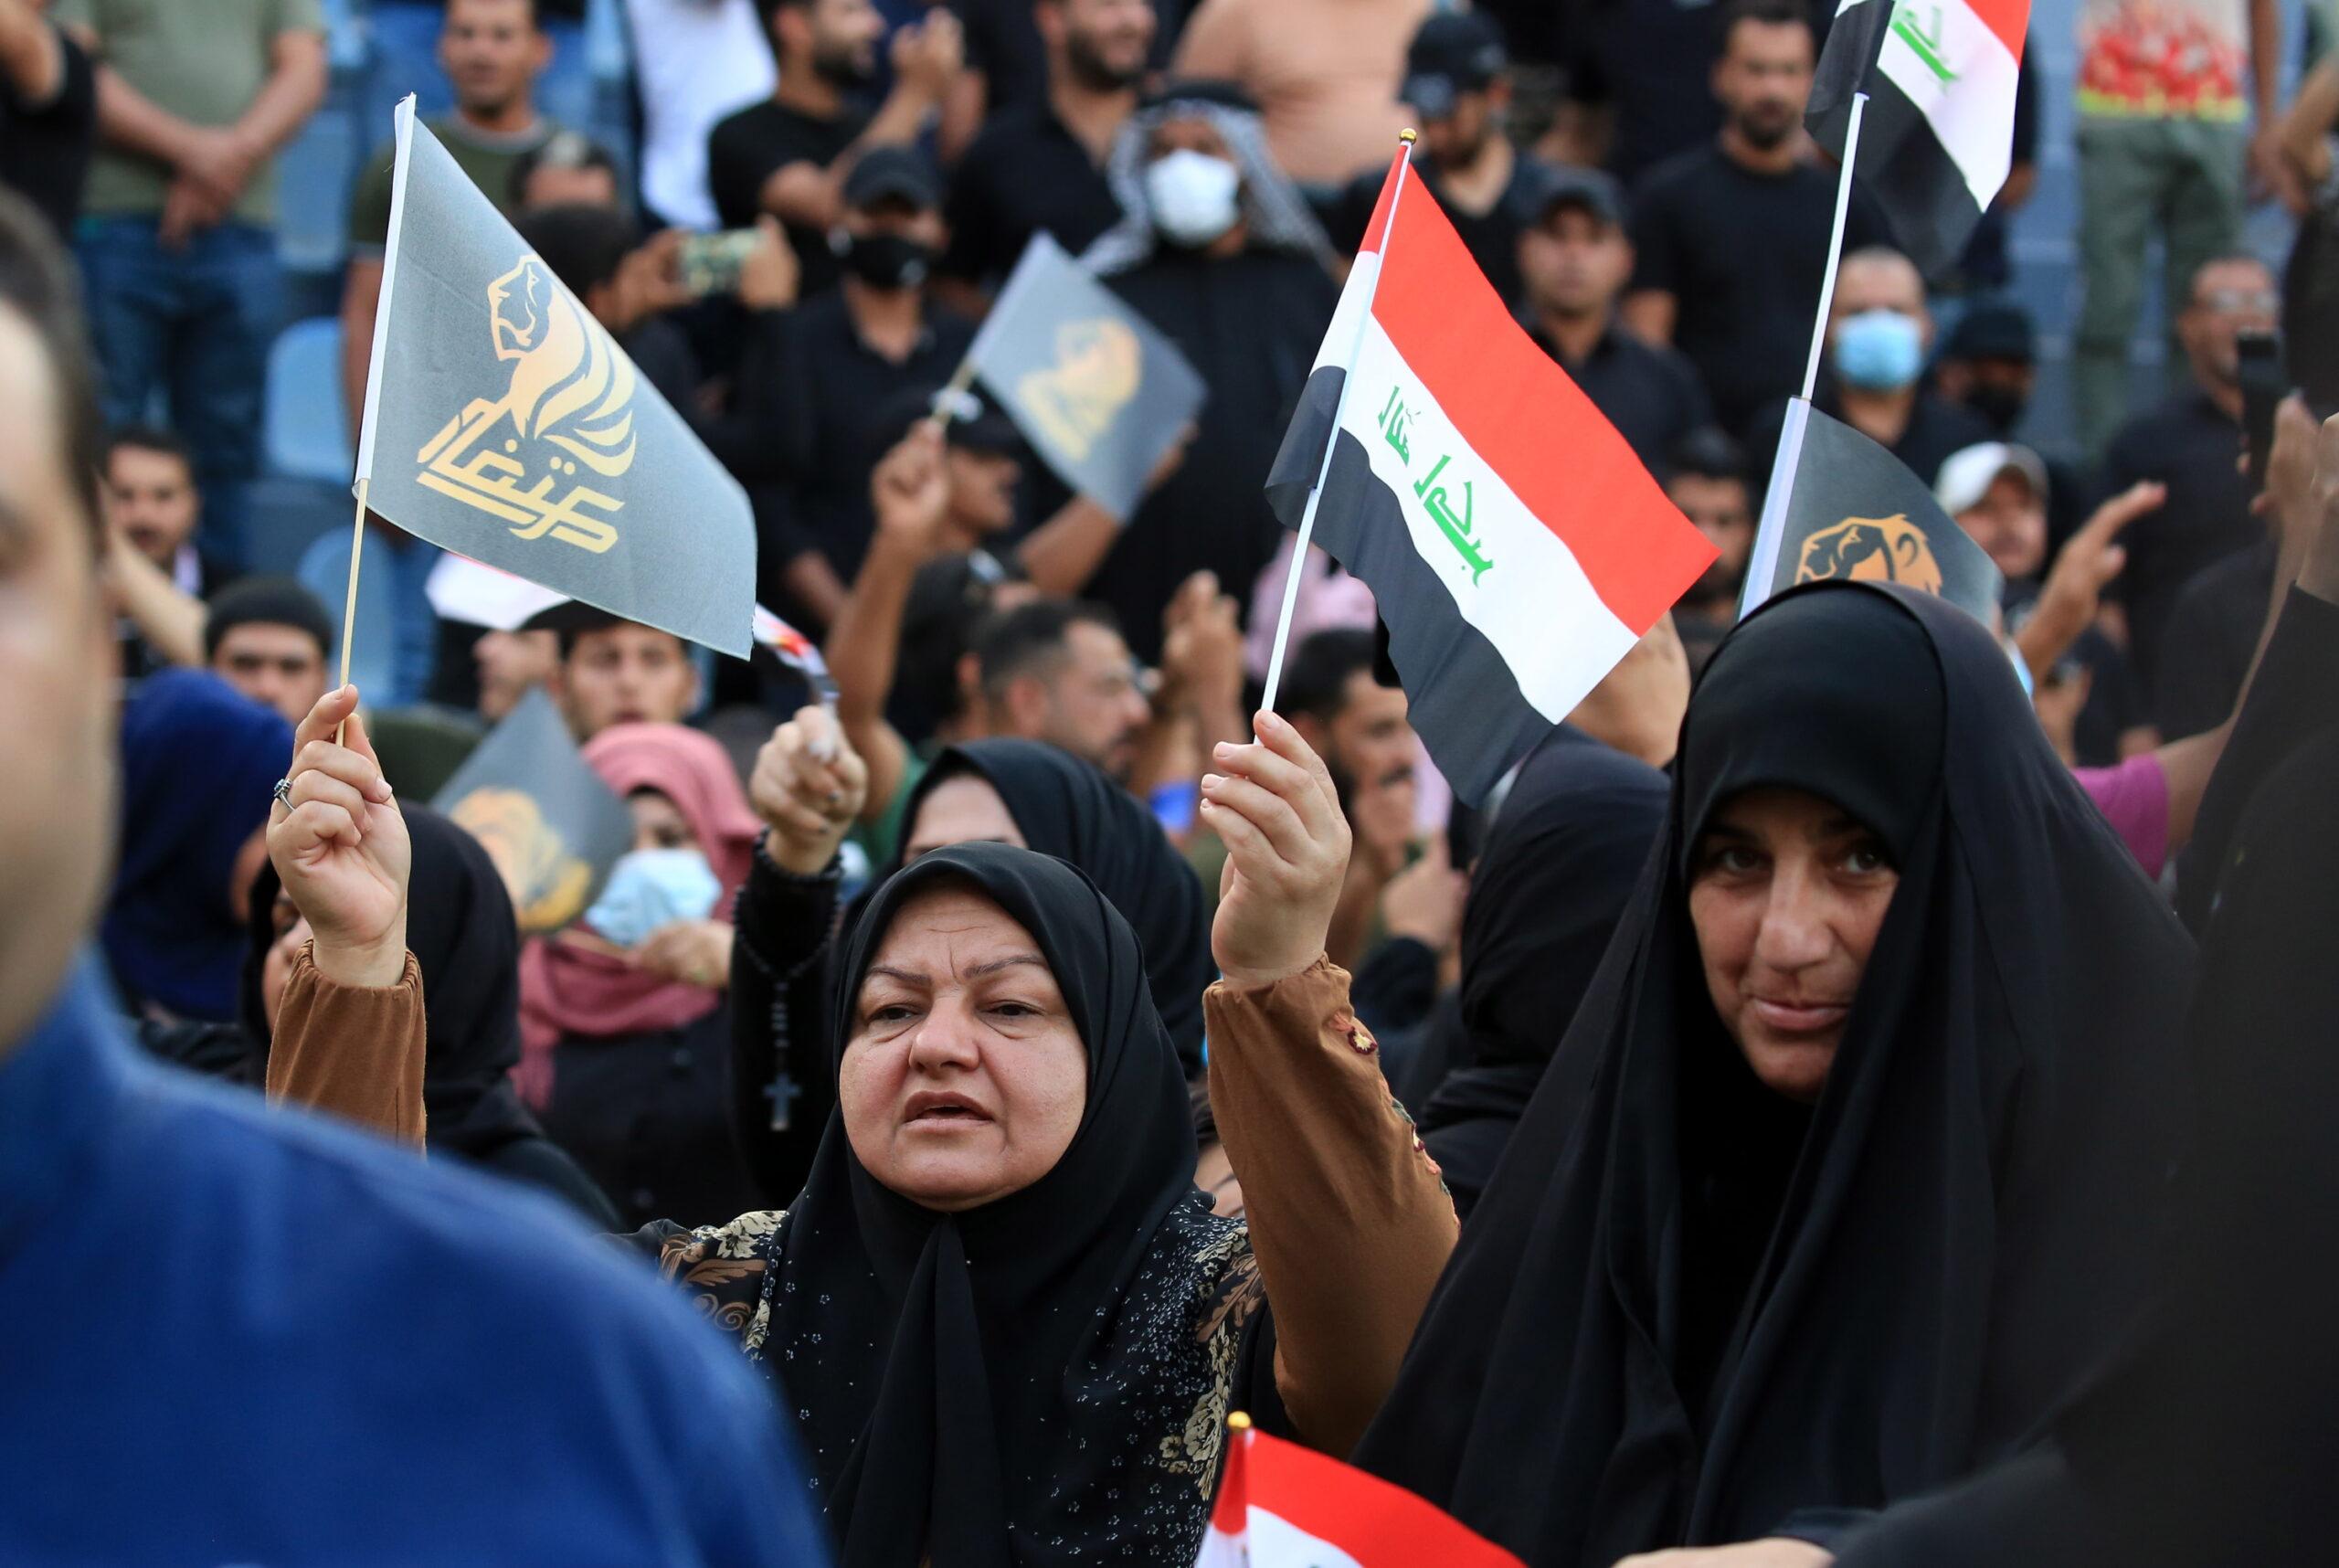 Bennett szerint Teherán áll Libanon és Irak hanyatlása mögött